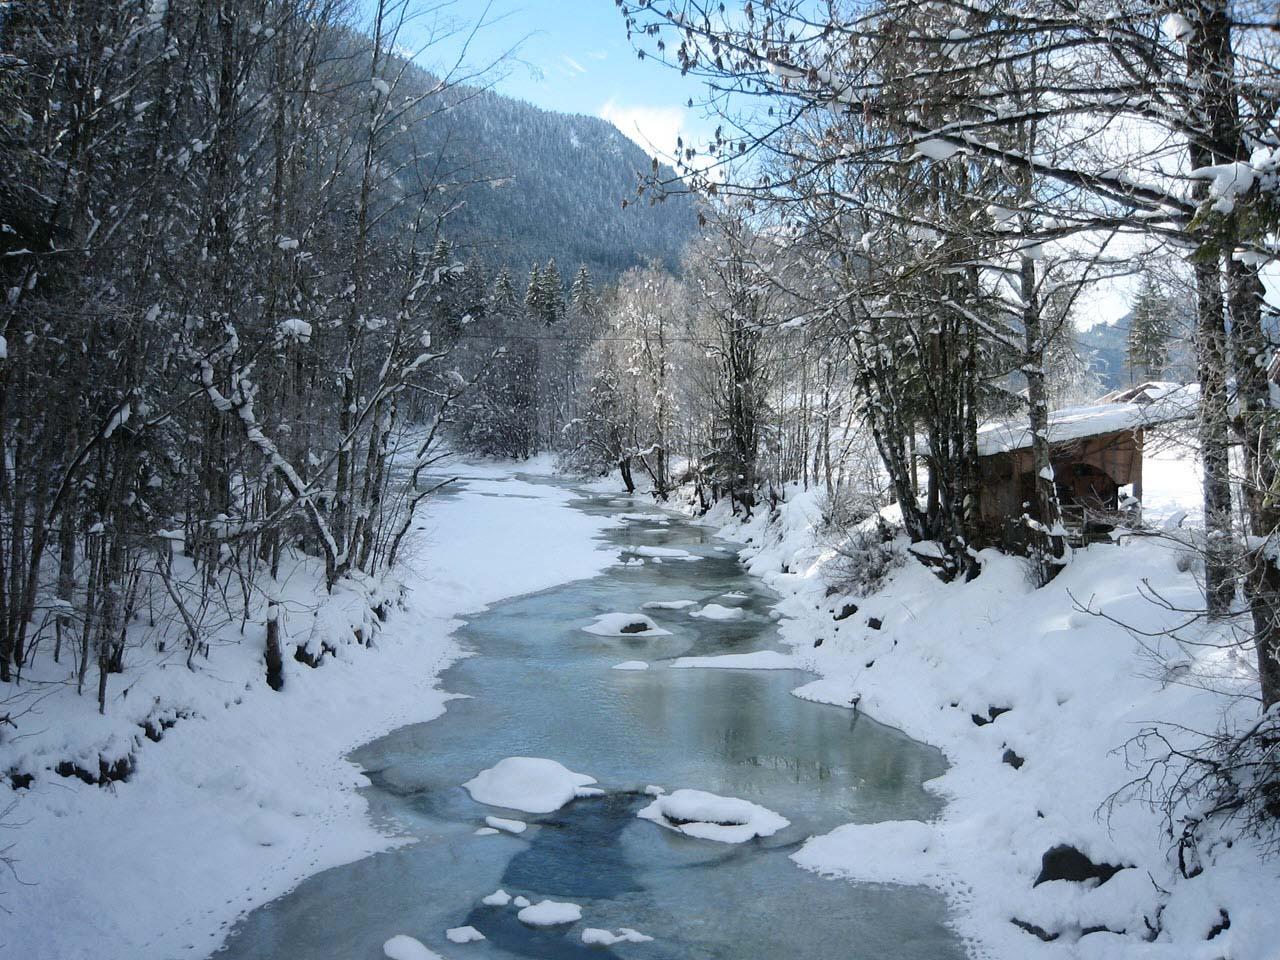 Hình ảnh dòng sông mùa đông